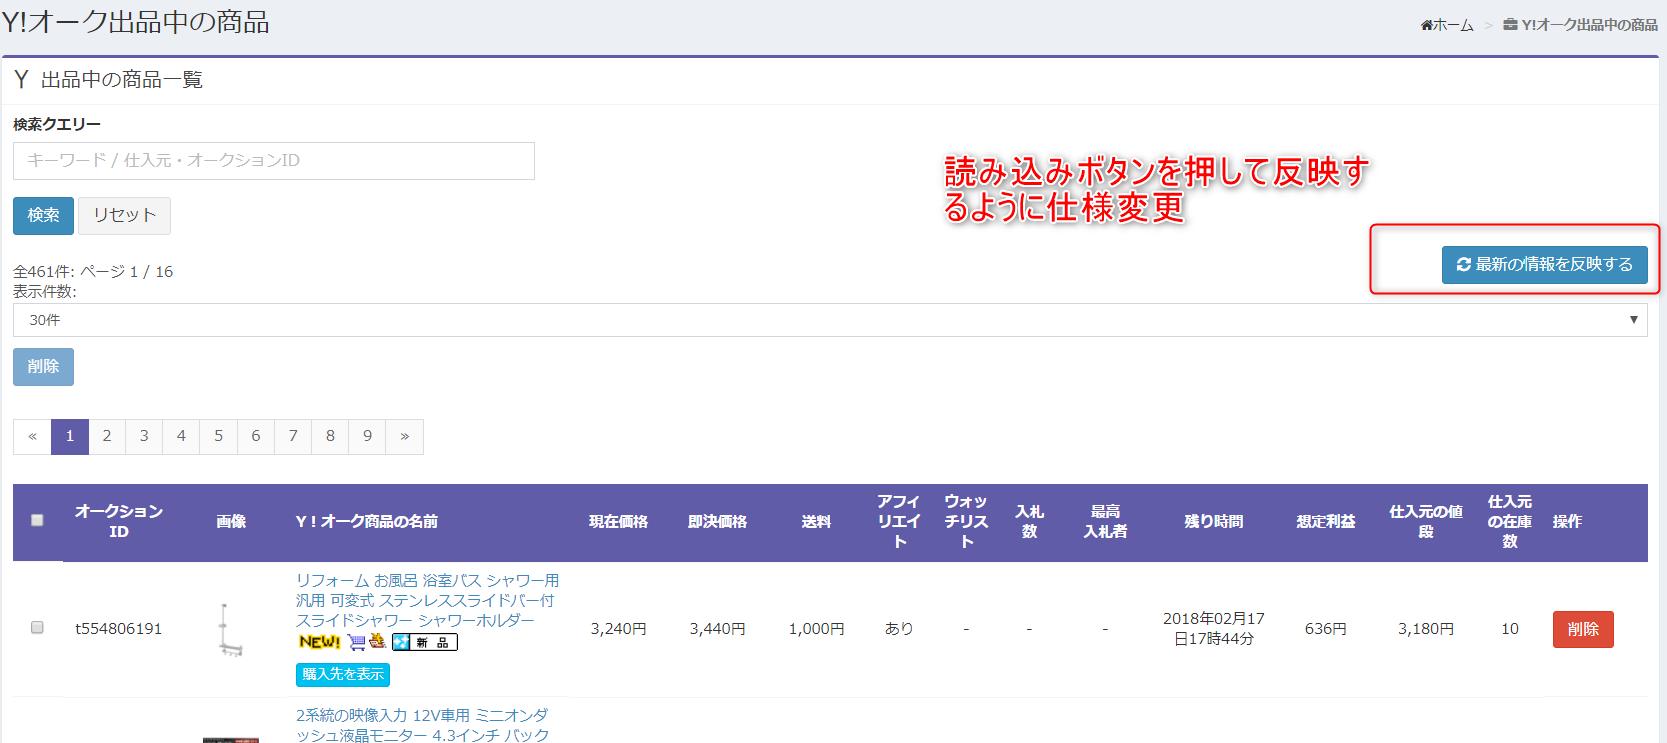 2018 02 15 18h07 50 【TOOL】ECAUOT更新情報 ヤフオク終了分・出品中の表示速度アップ 画像10枚が入るようになりました。